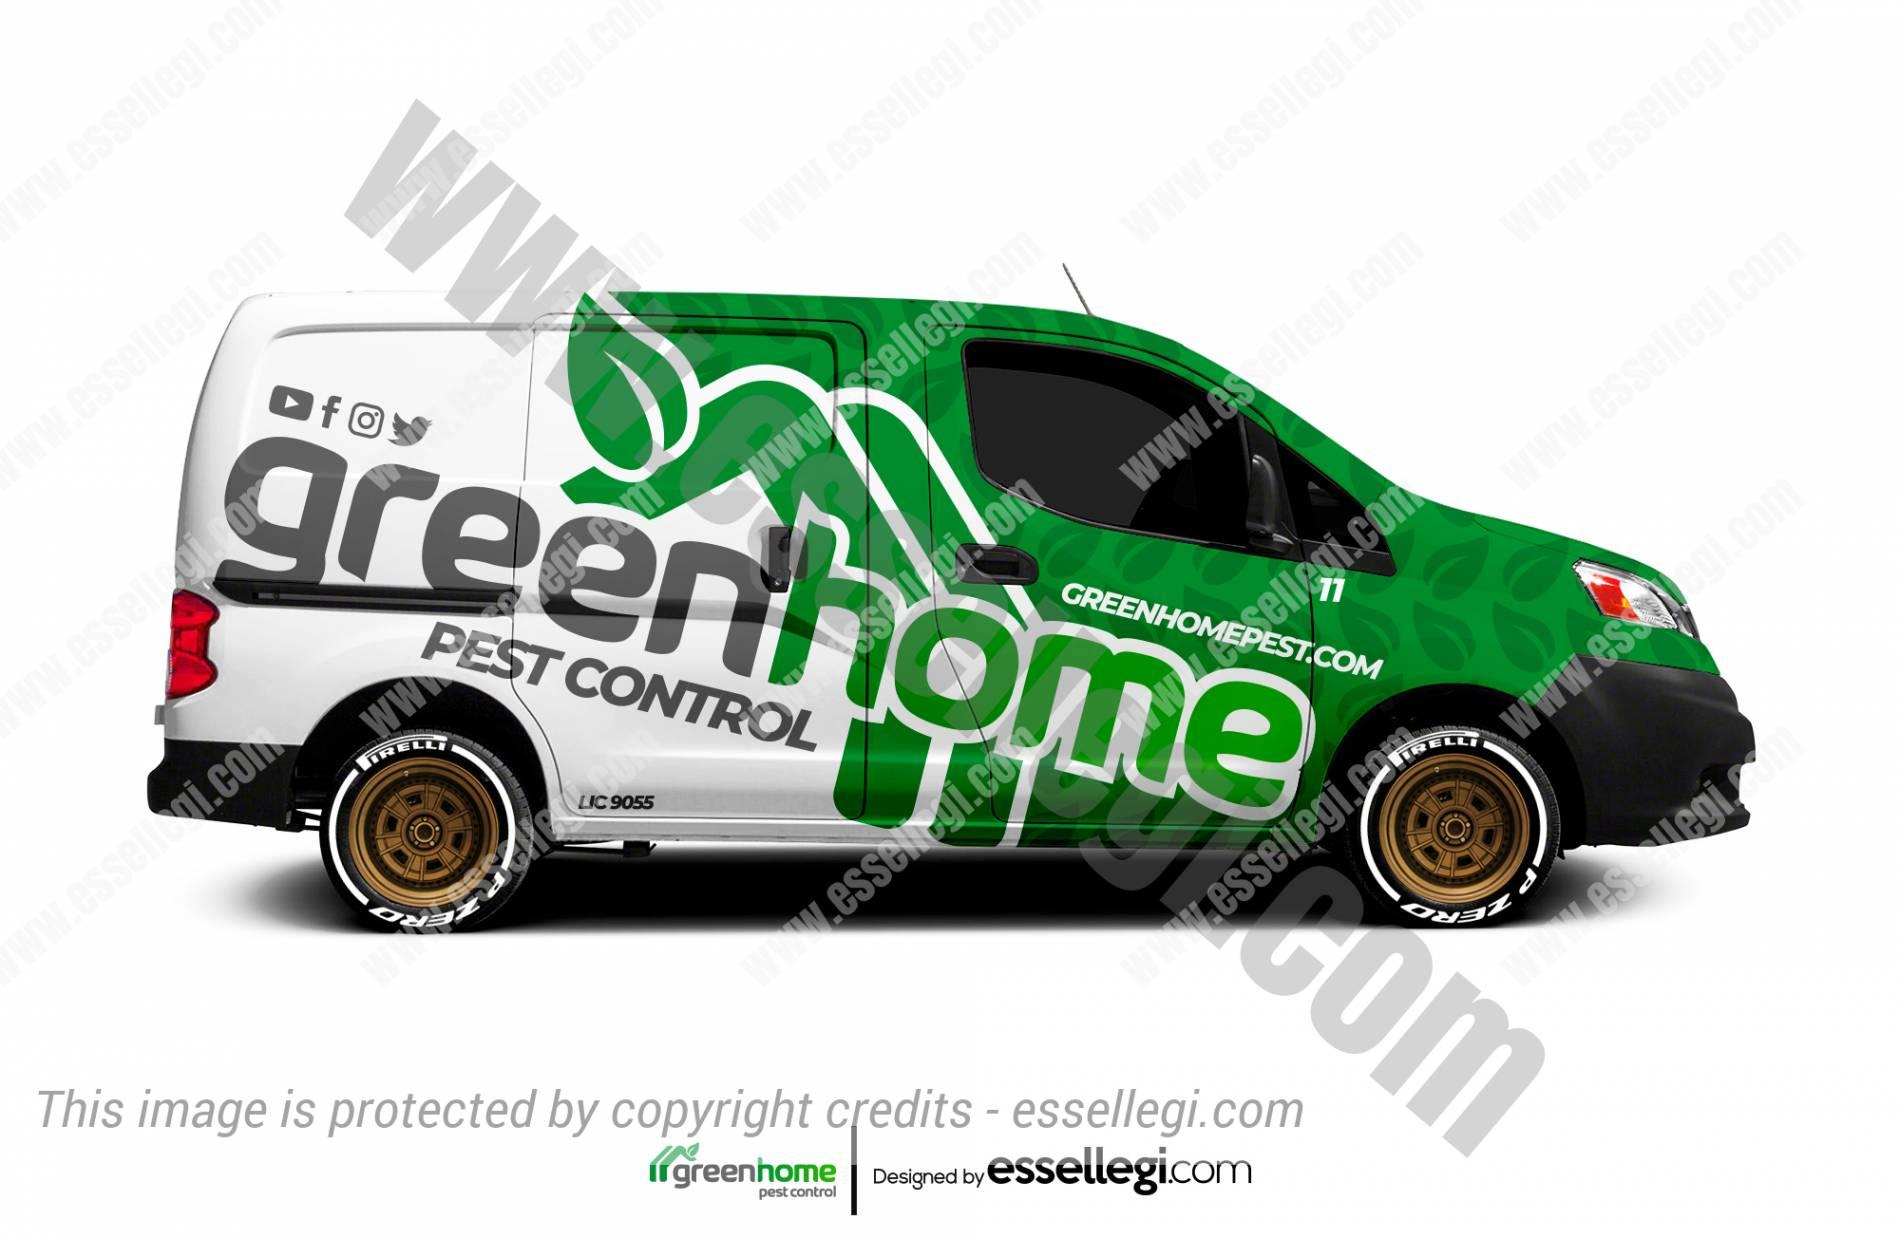 Nissan NV200 Wrap Design. Nissan NV200 | Van Wrap Design by Essellegi. Van Signs, Van Signage, Van Wrapping, Van Signwriting, Van Wrap Designer, Signs for Van, Van Logo, Van Graphic by Essellegi.